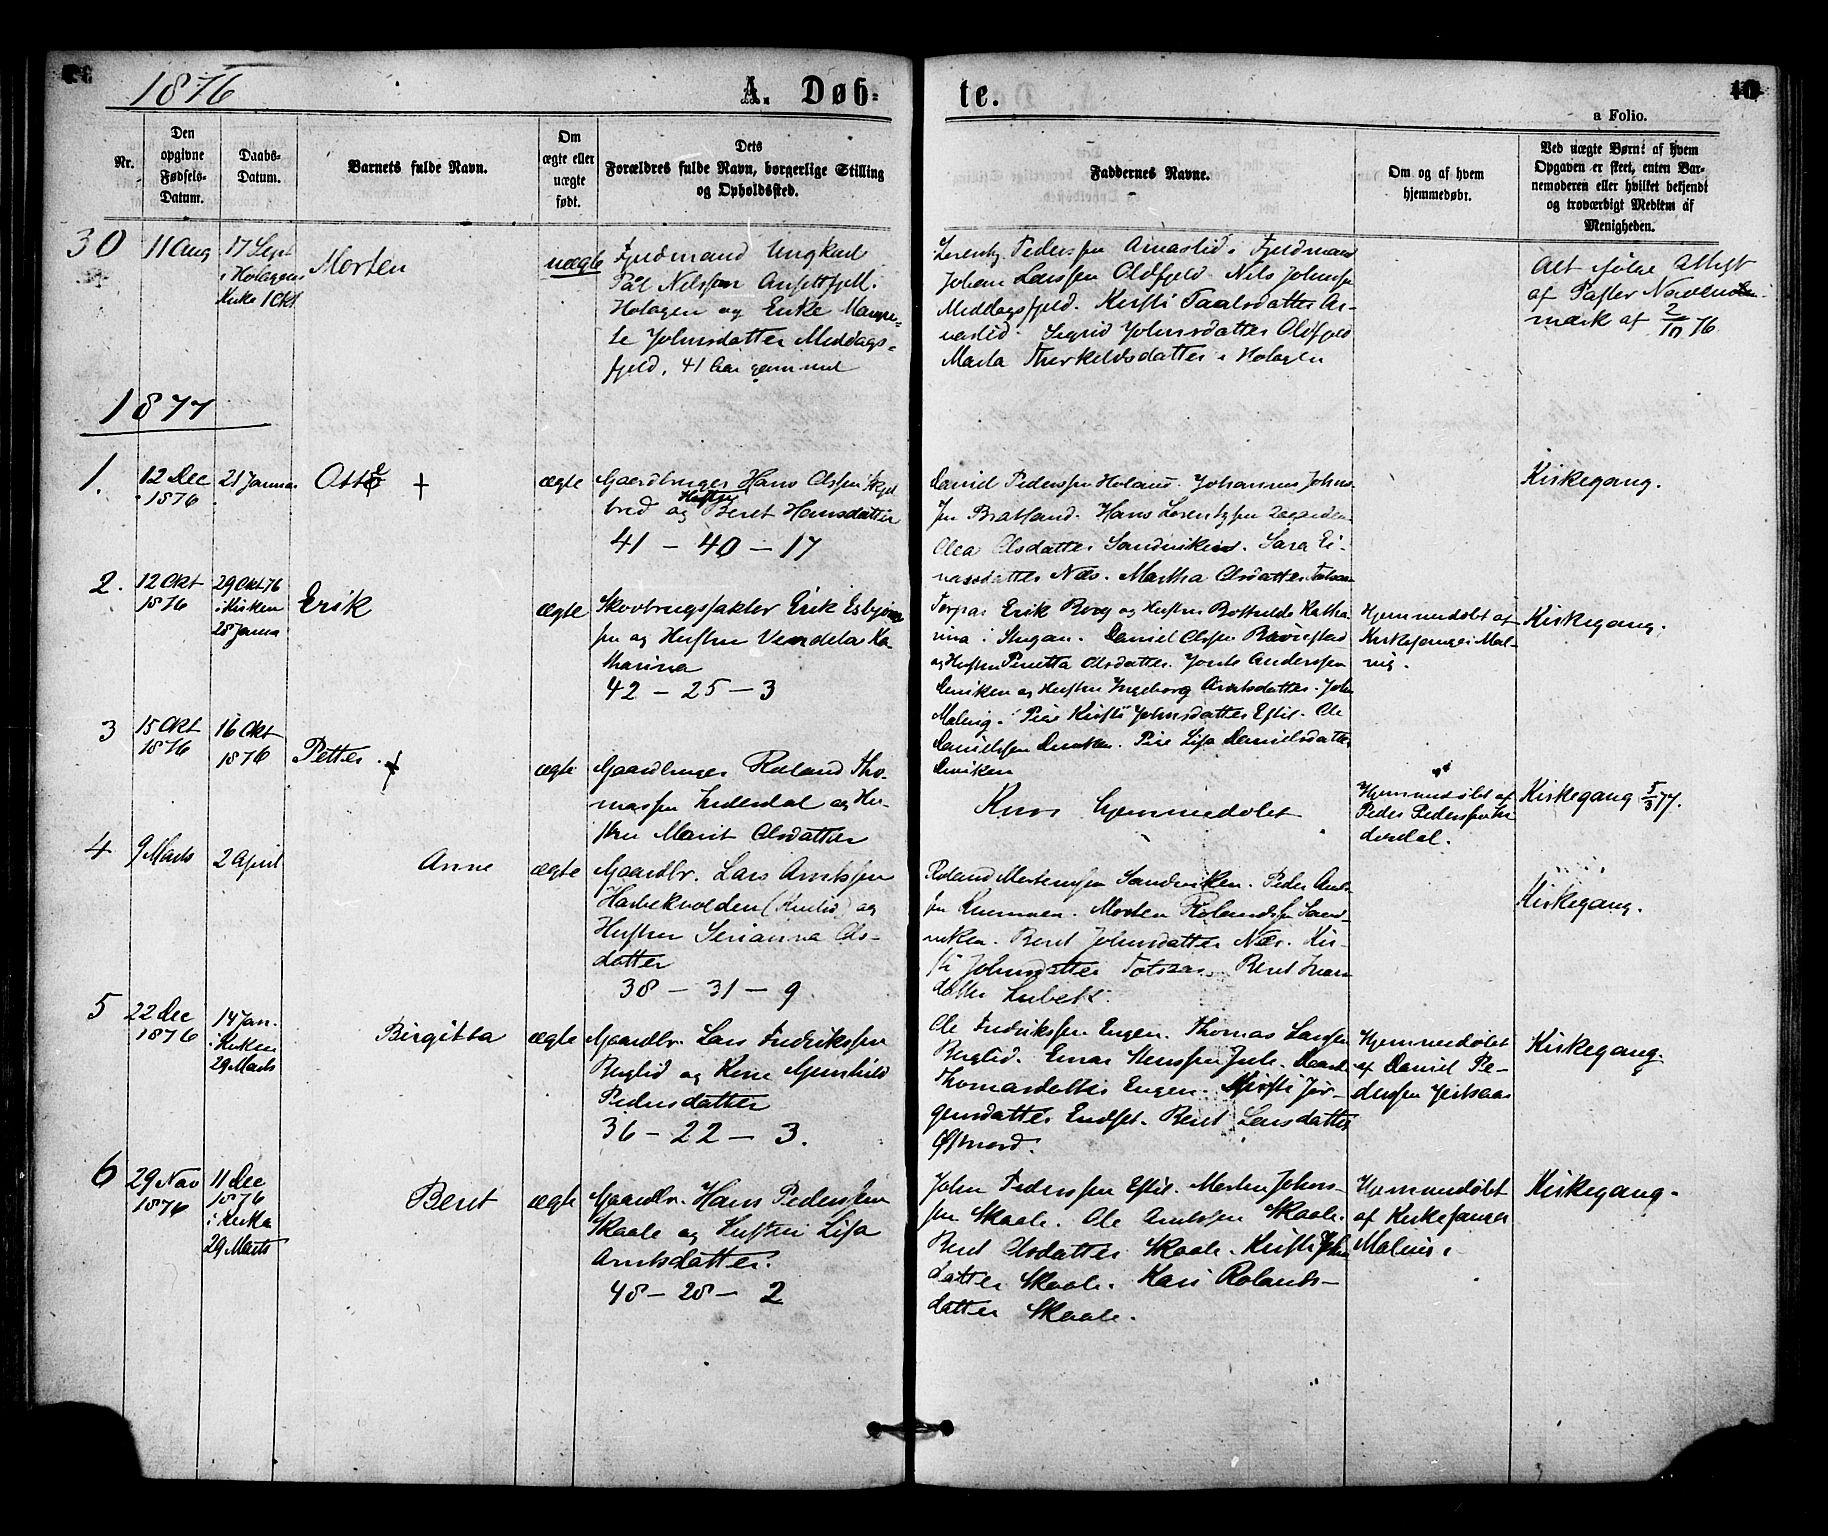 SAT, Ministerialprotokoller, klokkerbøker og fødselsregistre - Nord-Trøndelag, 755/L0493: Ministerialbok nr. 755A02, 1865-1881, s. 40